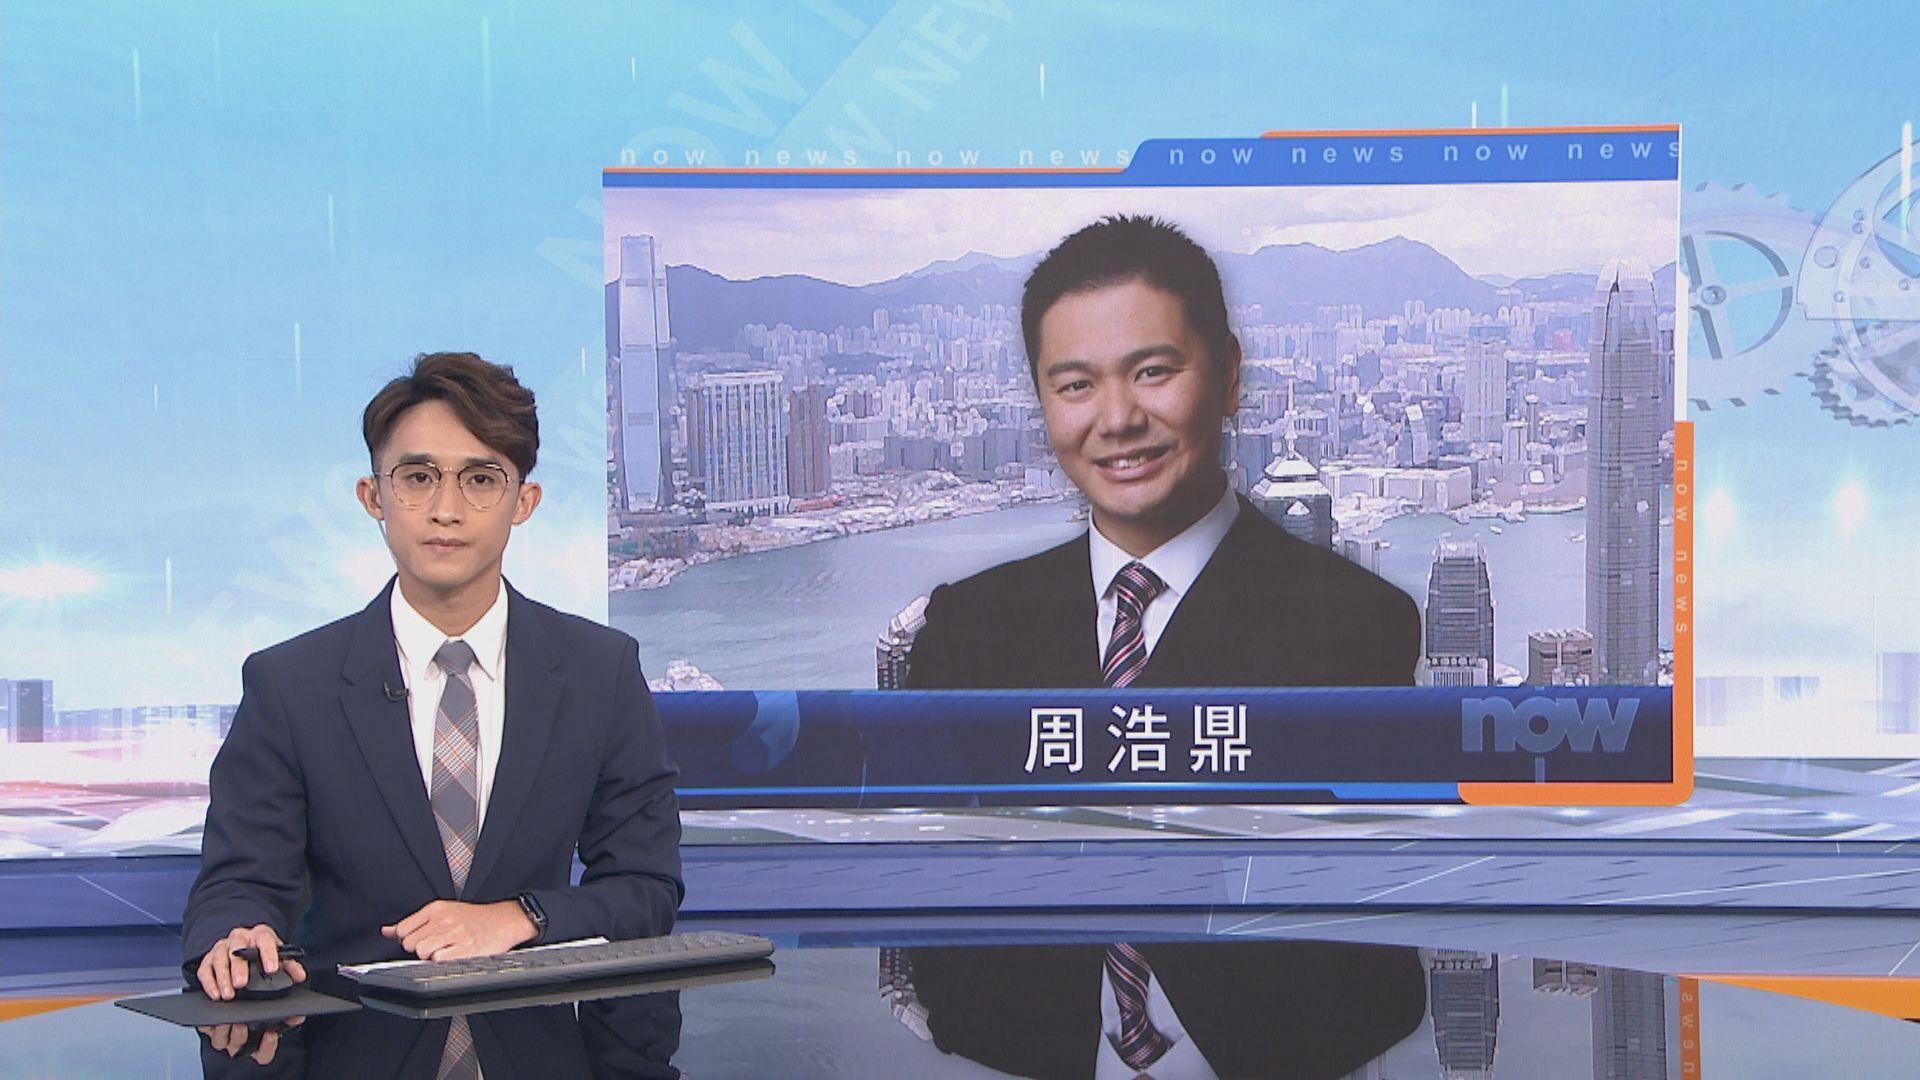 周浩鼎協助梁振英事件 調查委員會認為不構成行為不檢